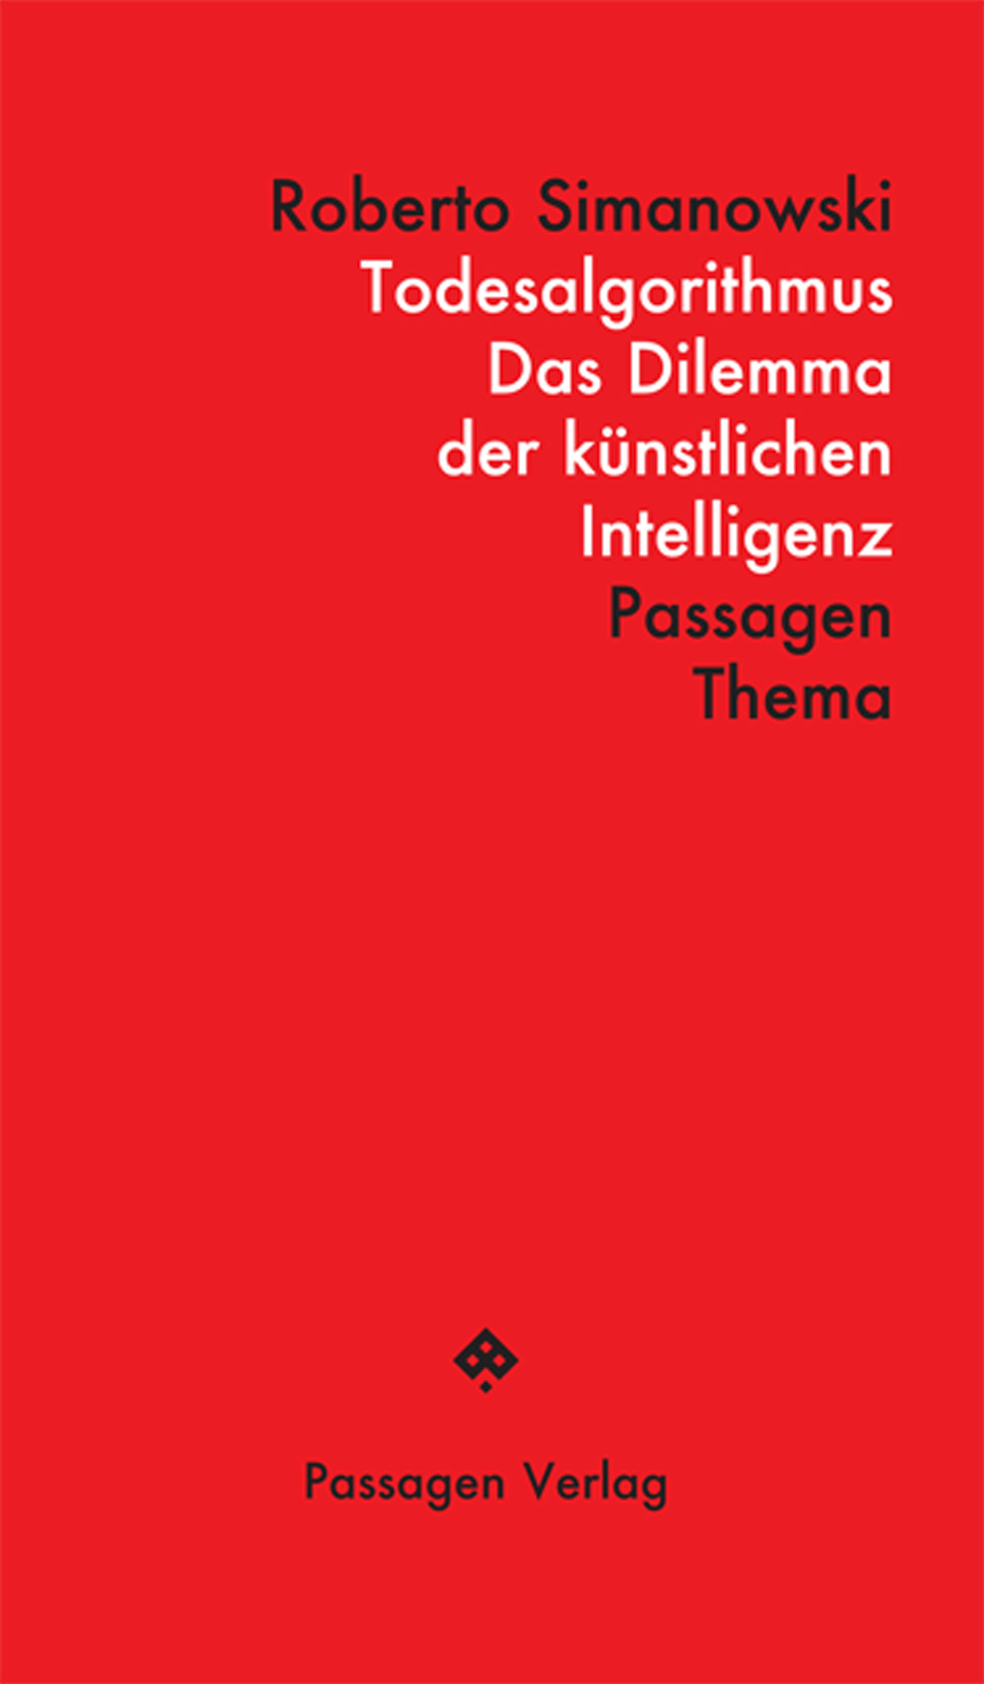 094513 PV Simanowski - Todesalgorithmus Umschlag.indd